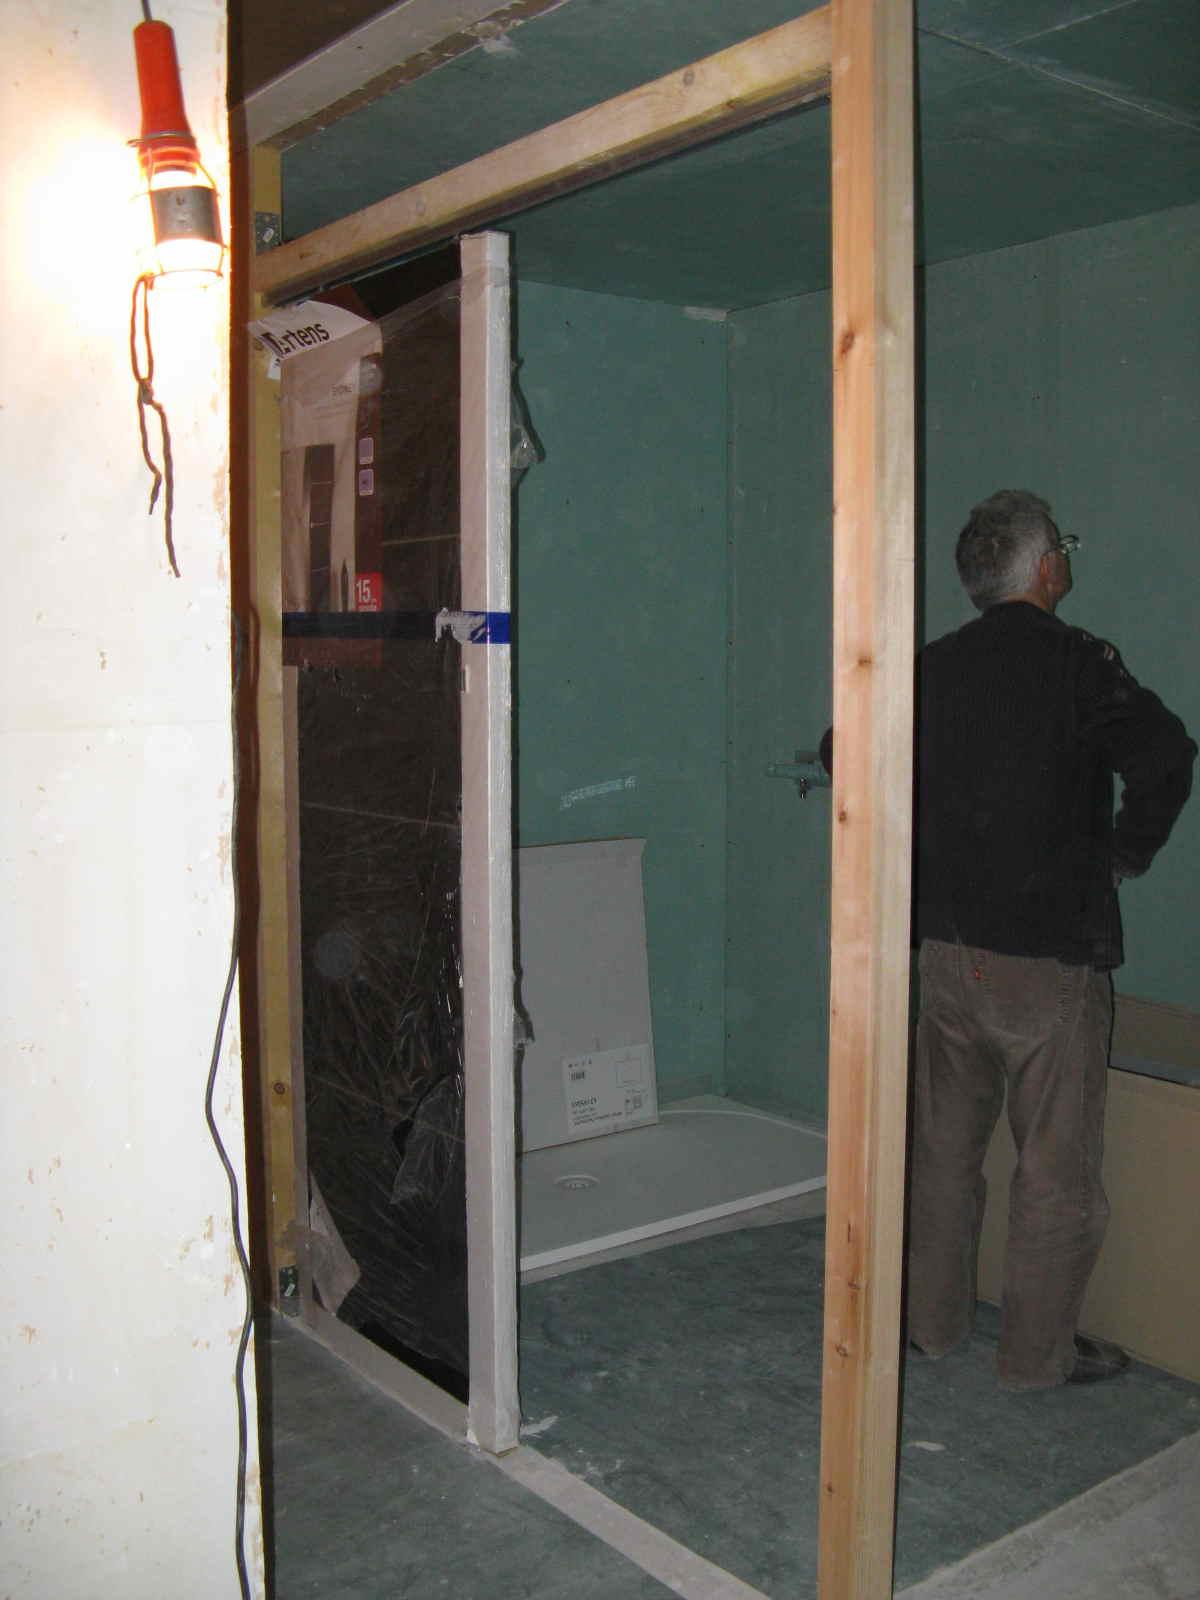 Porte salle de bain vitree avec haute résolution photographies ...